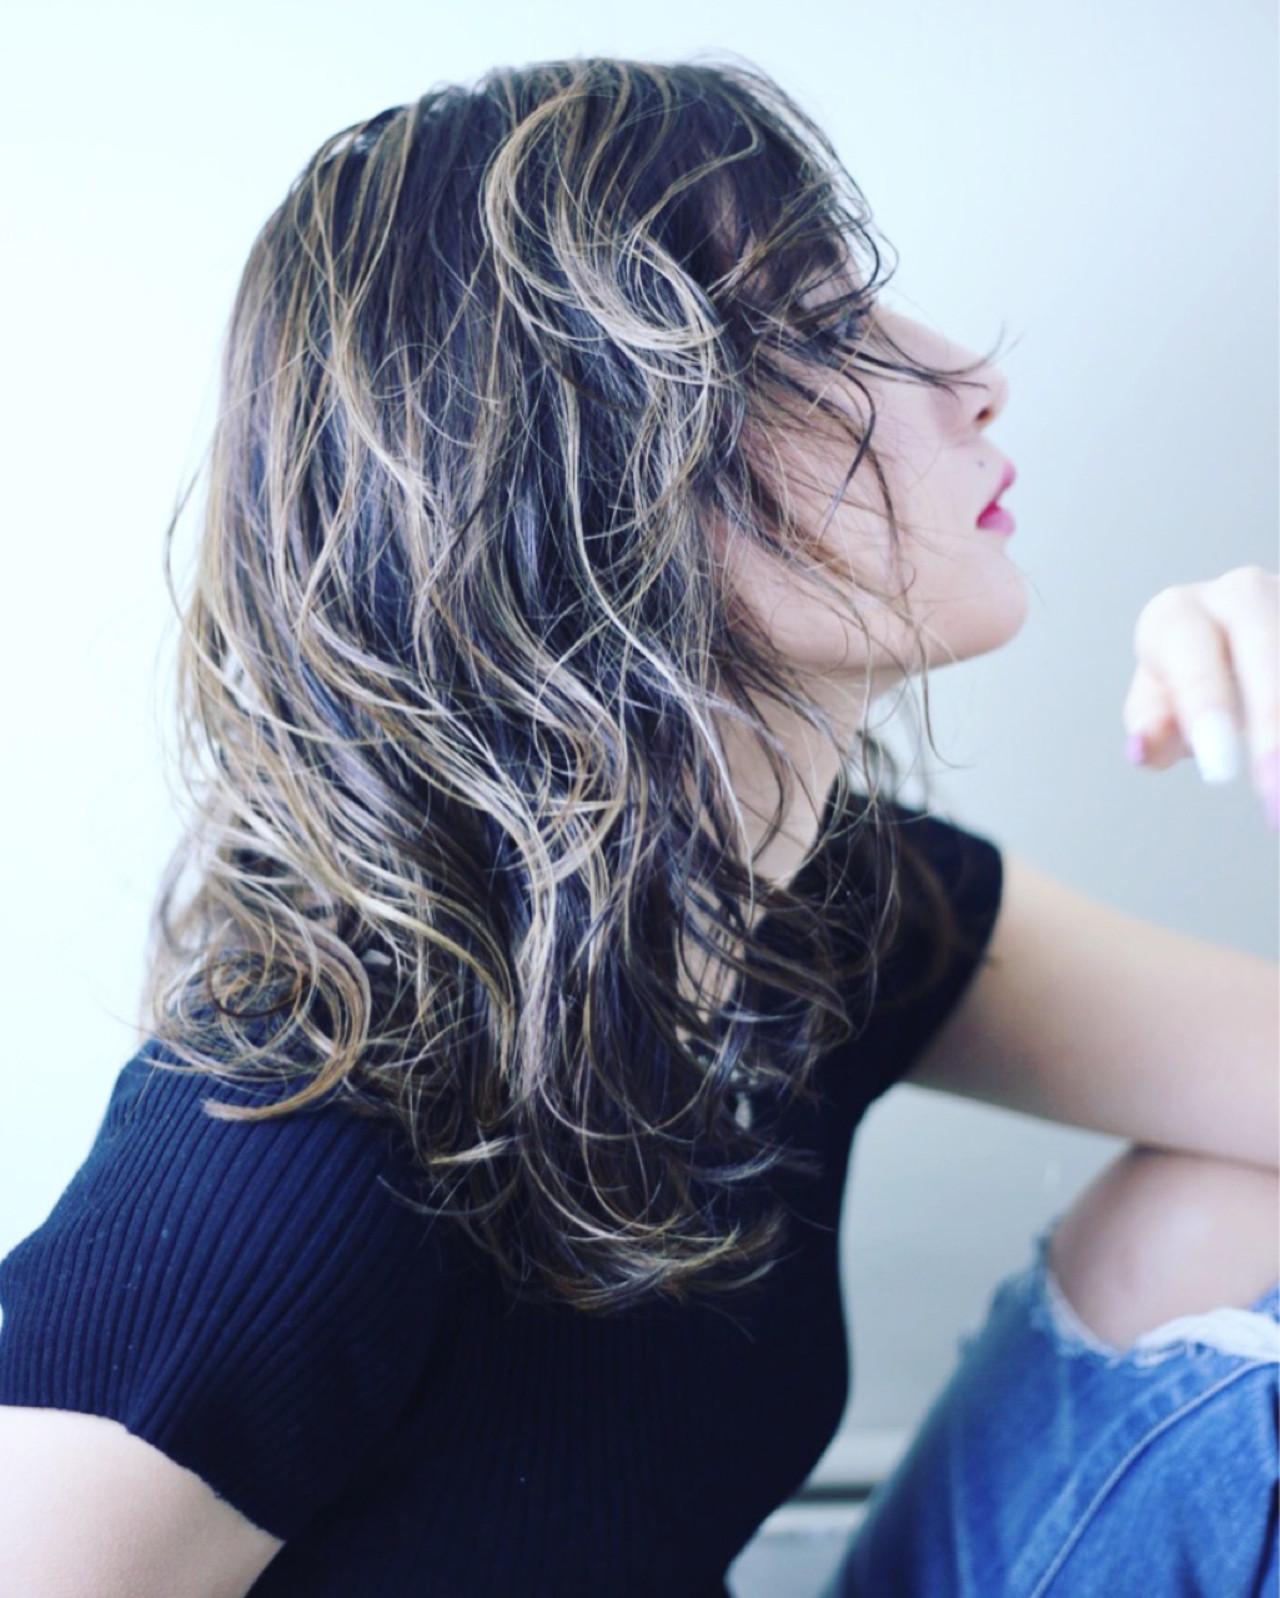 セミロング 外国人風 ナチュラル ダブルカラーヘアスタイルや髪型の写真・画像